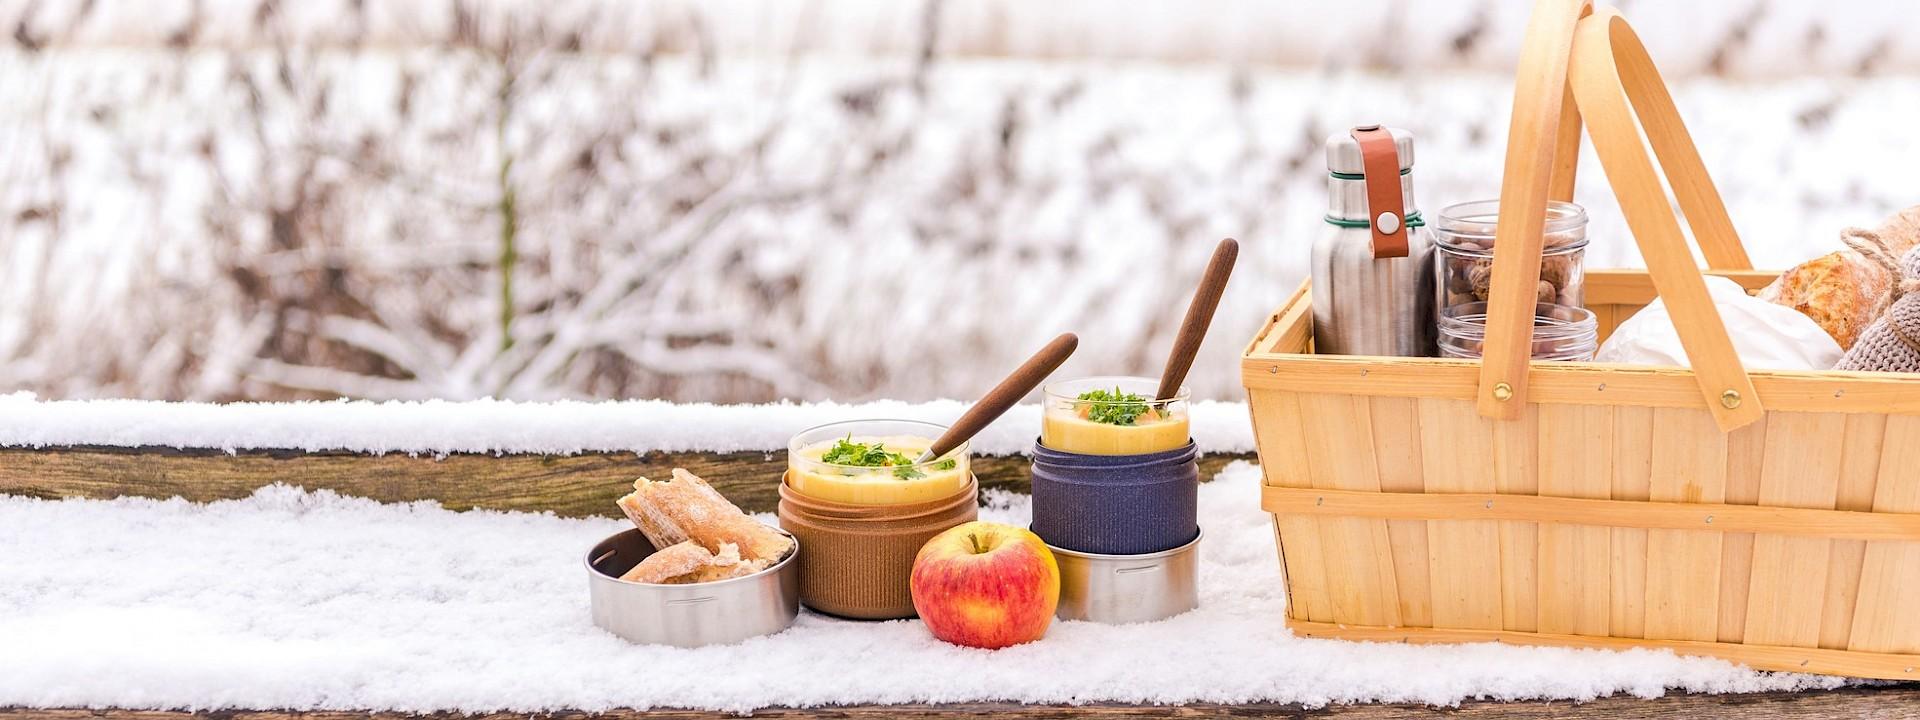 Winterzeit ist Picknickzeit! Rezepte und Tipps für dein Winterpicknick